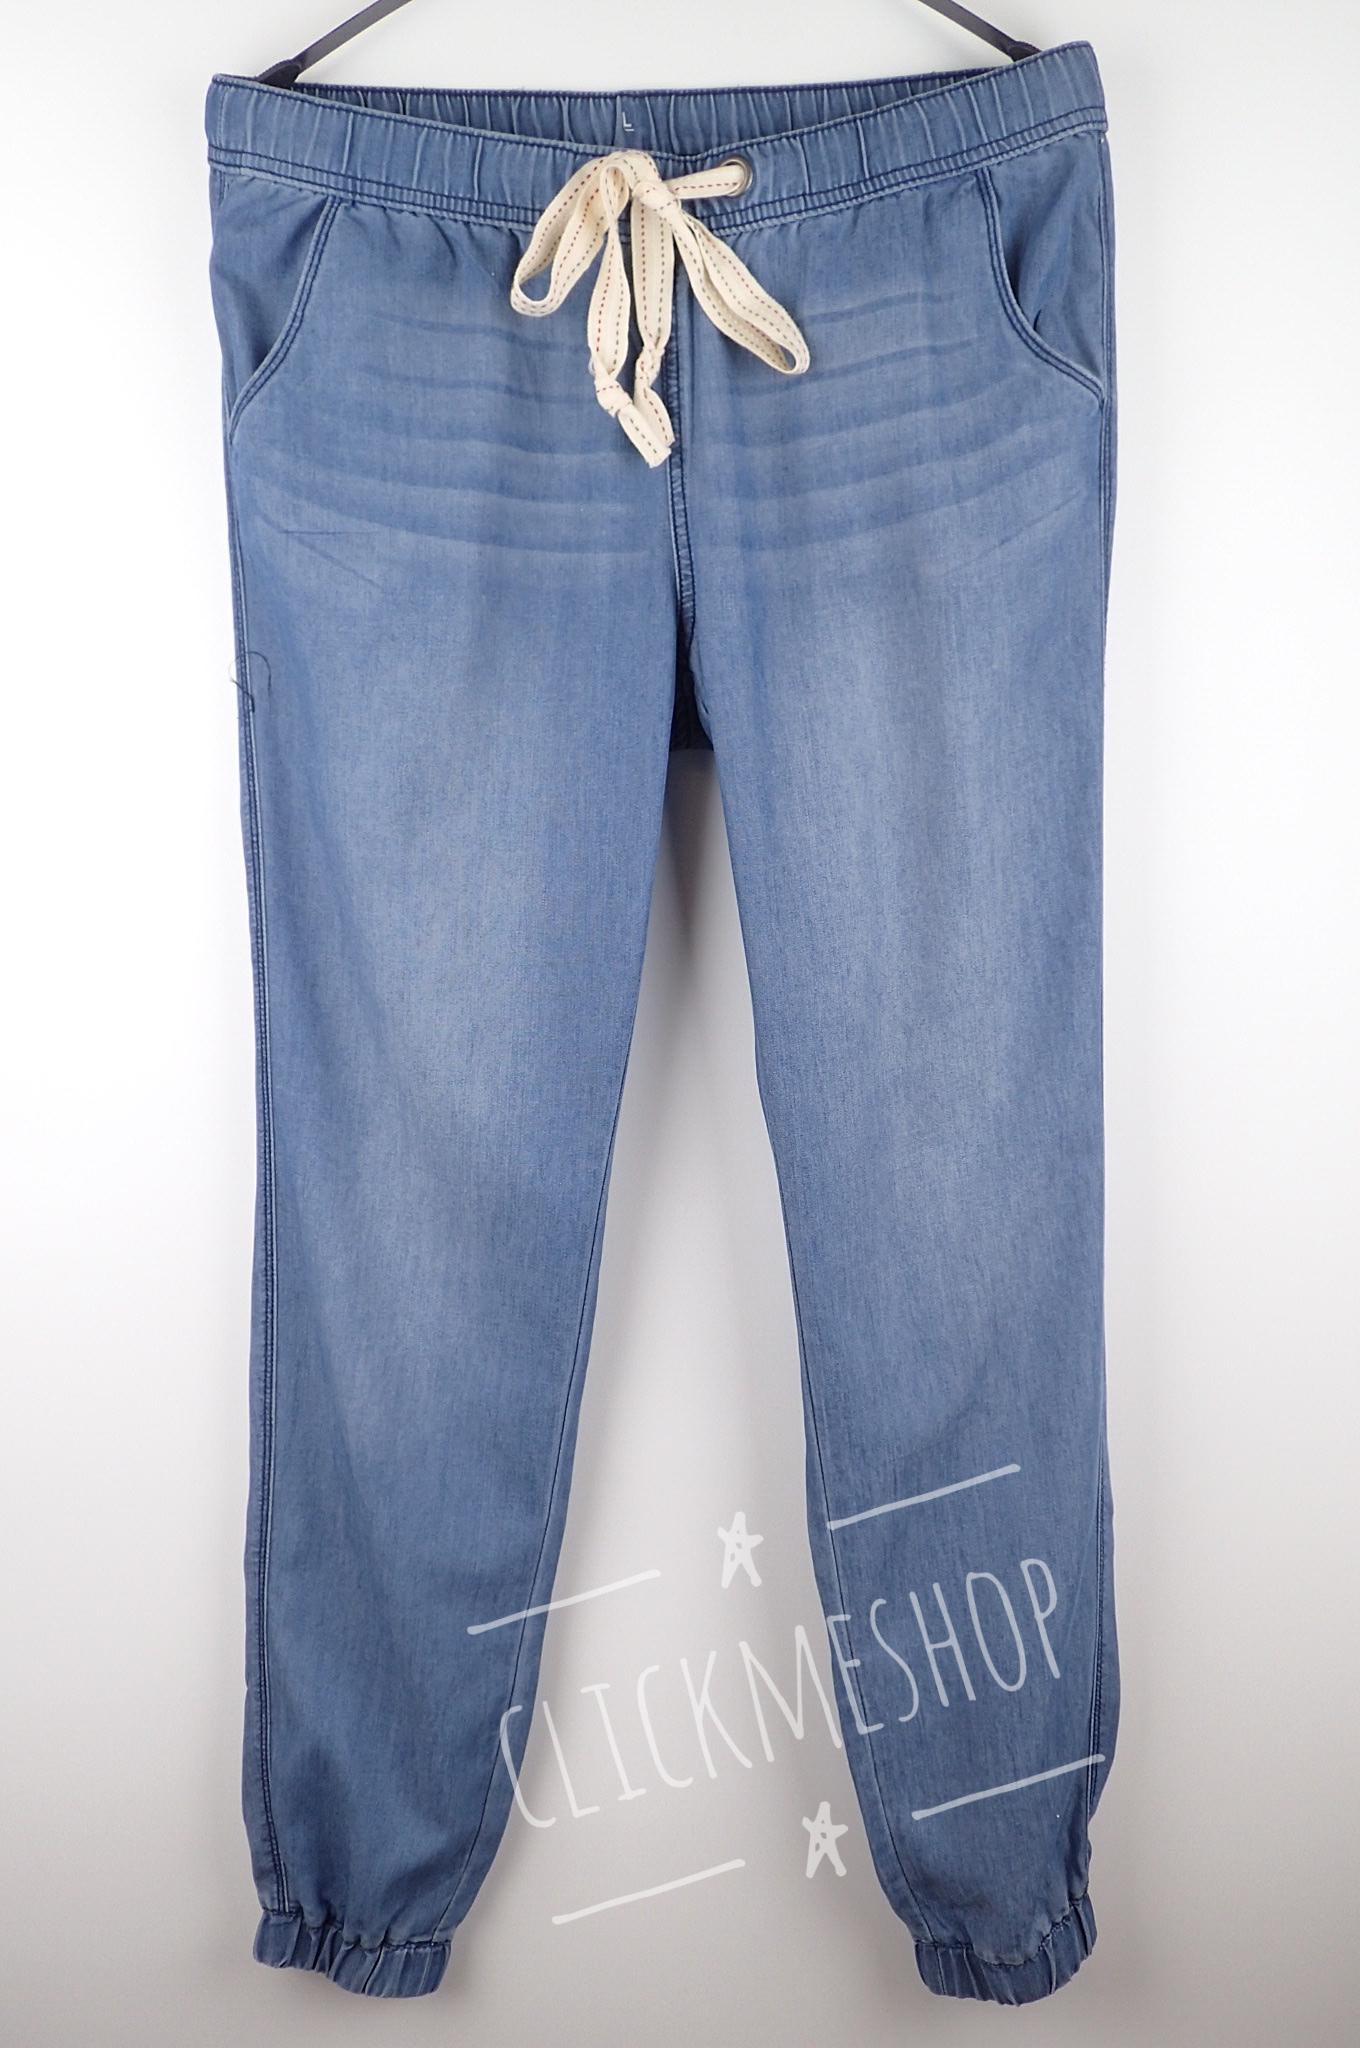 (ไซส์ L เอว 32-34 สะโพก 42 นิ้ว ) กางเกงยีนส์ ผ้าไม่หนามาก เอวยืด ปลายขาจั๊มโบว์เอว น่ารักคะ